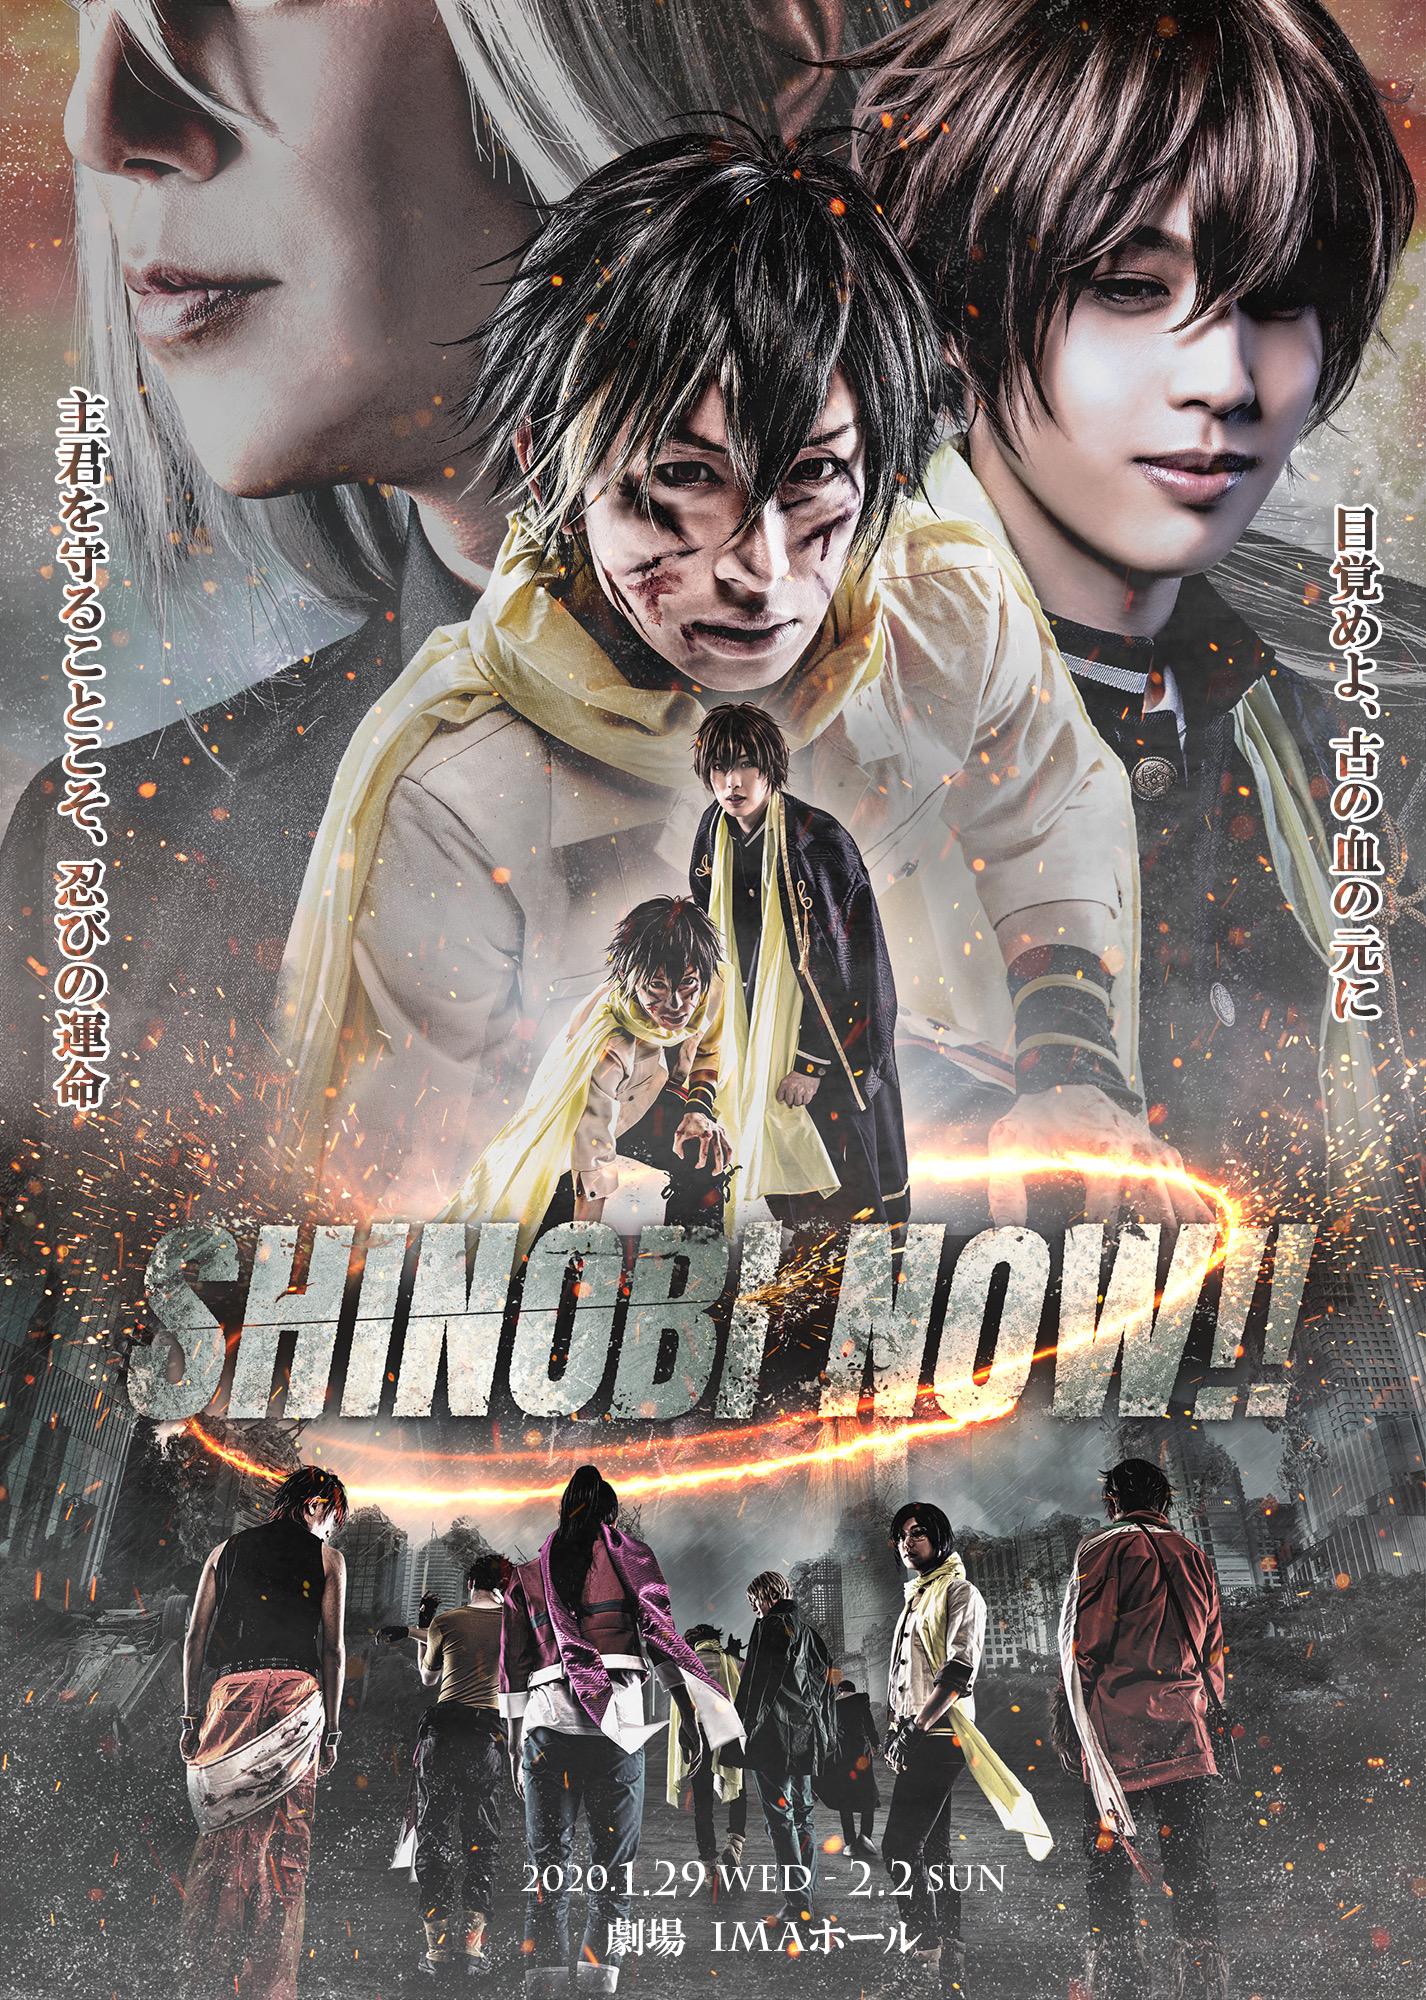 SHINOBI NOW!!